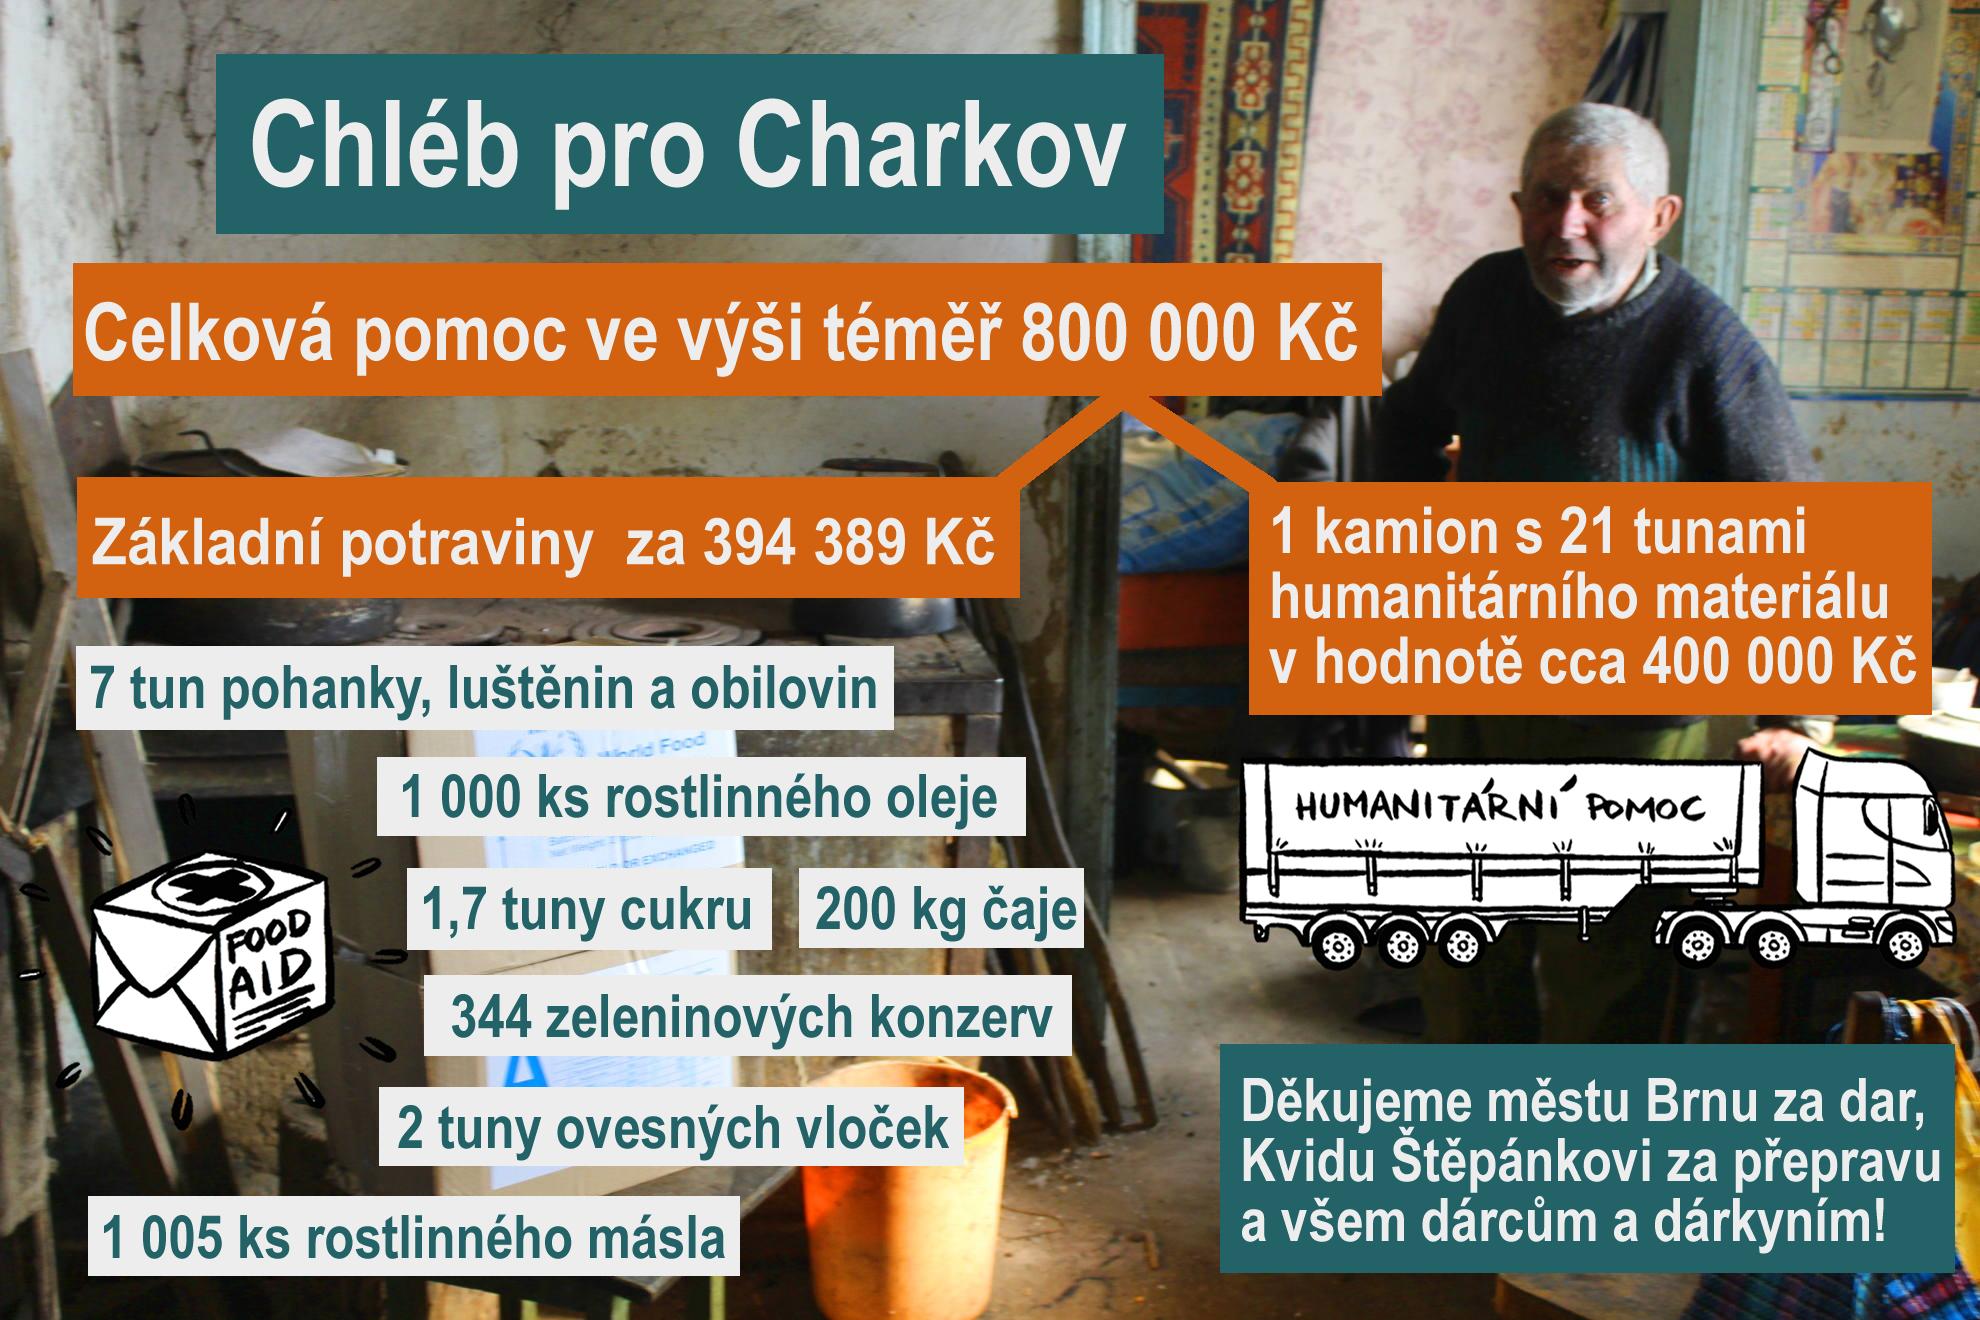 NESEHNUTÍ vyúčtovalo humanitární dárcovskou kampaň Chléb pro Charkov